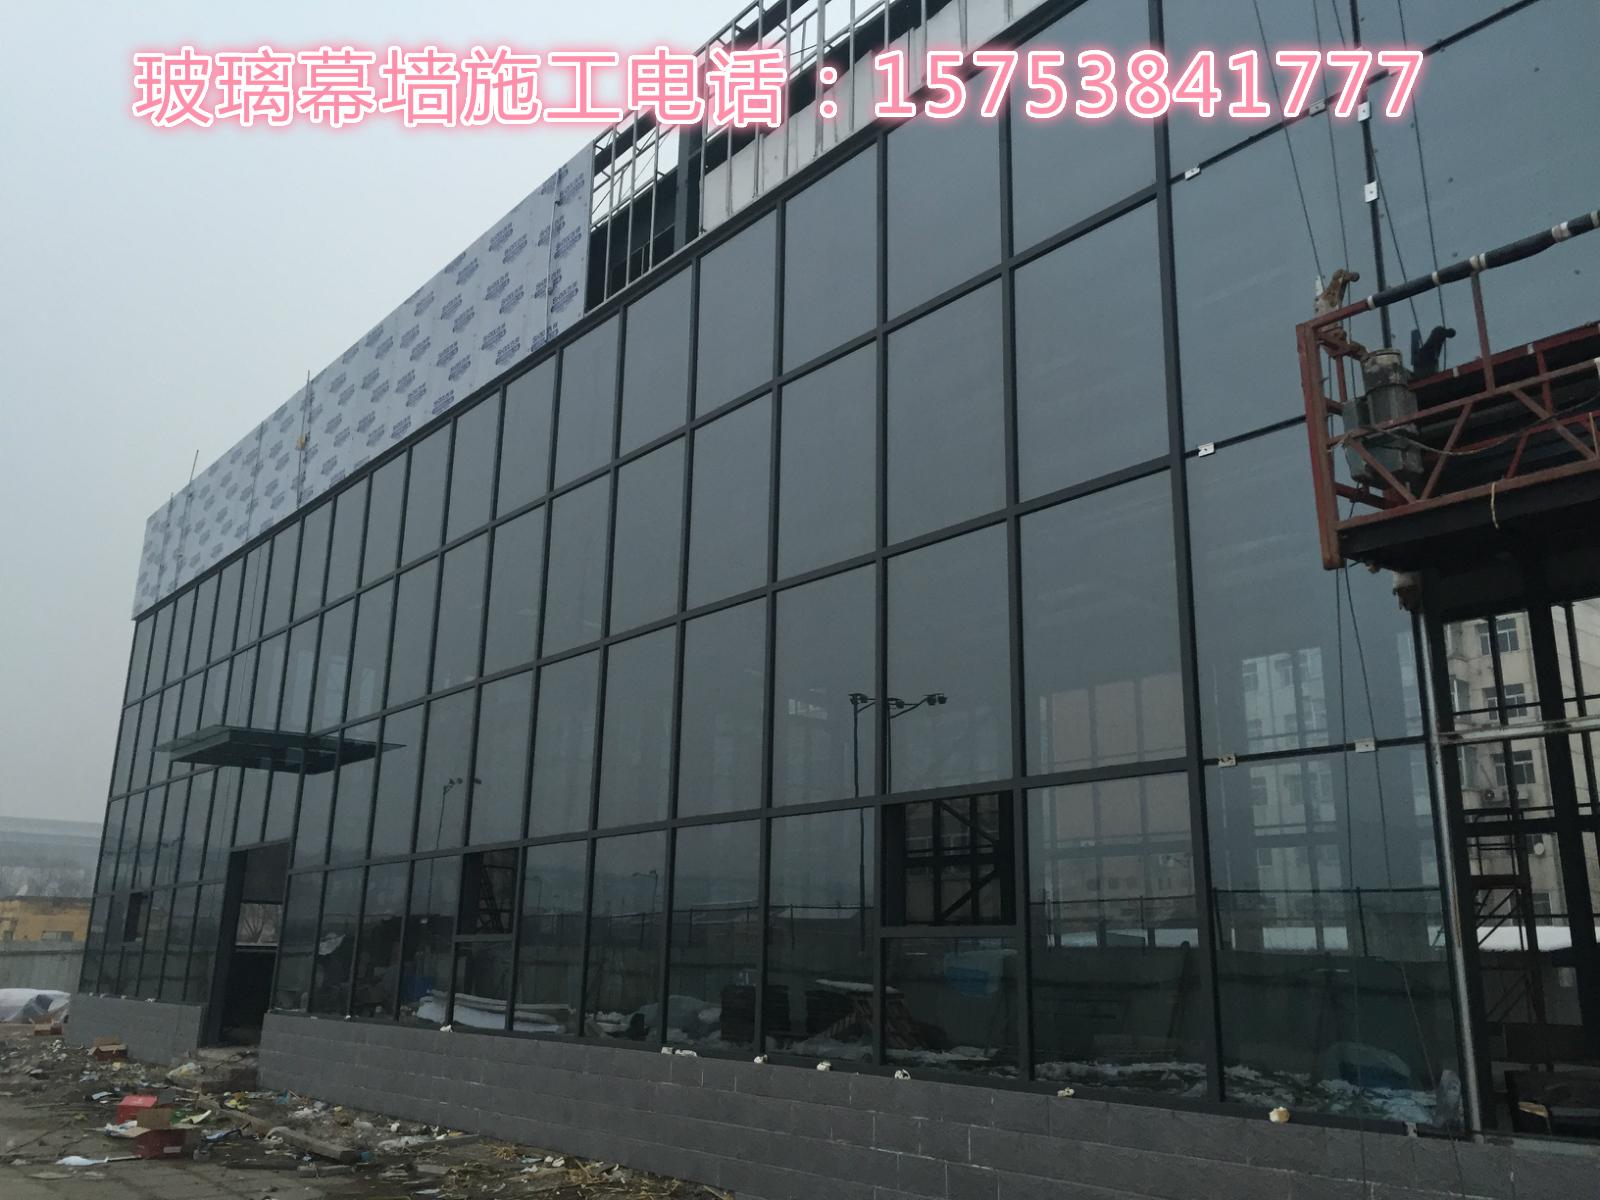 构件式明框玻璃幕墙 ●保温性能——采用断热结构并配置具有隔气功能